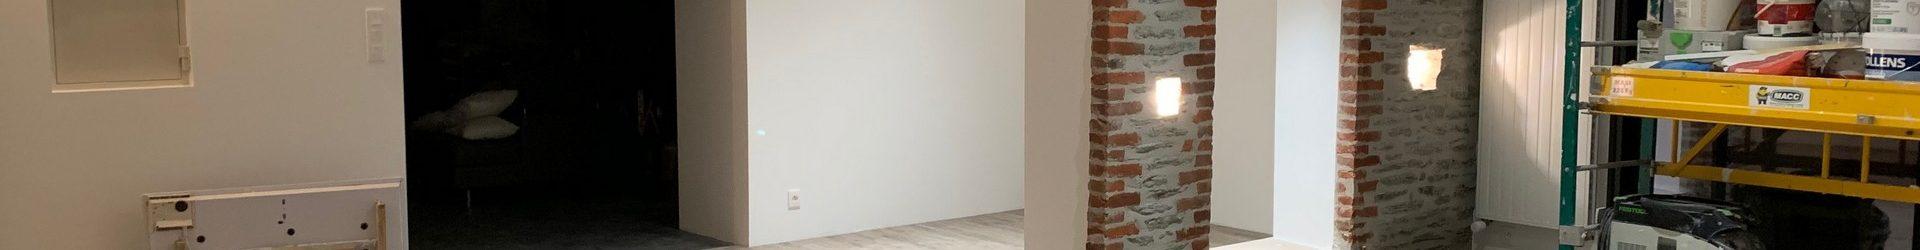 Chantier de peinture intérieure